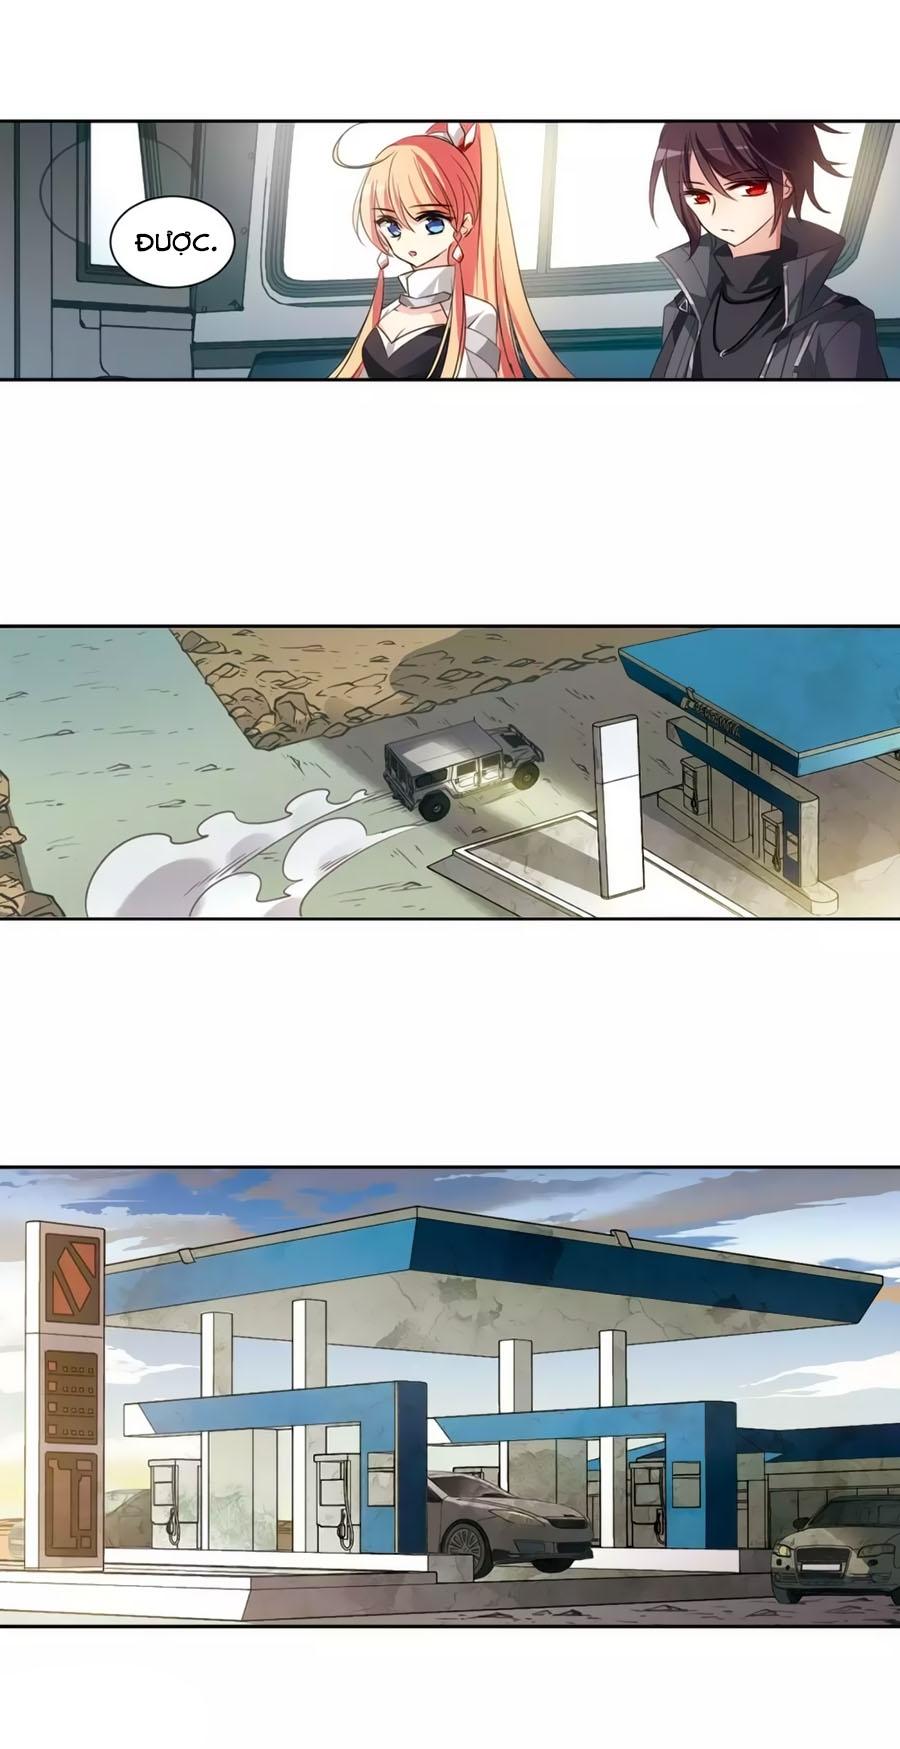 Xuyên Duyệt Tây Nguyên 3000 chap 271.1 - Trang 24